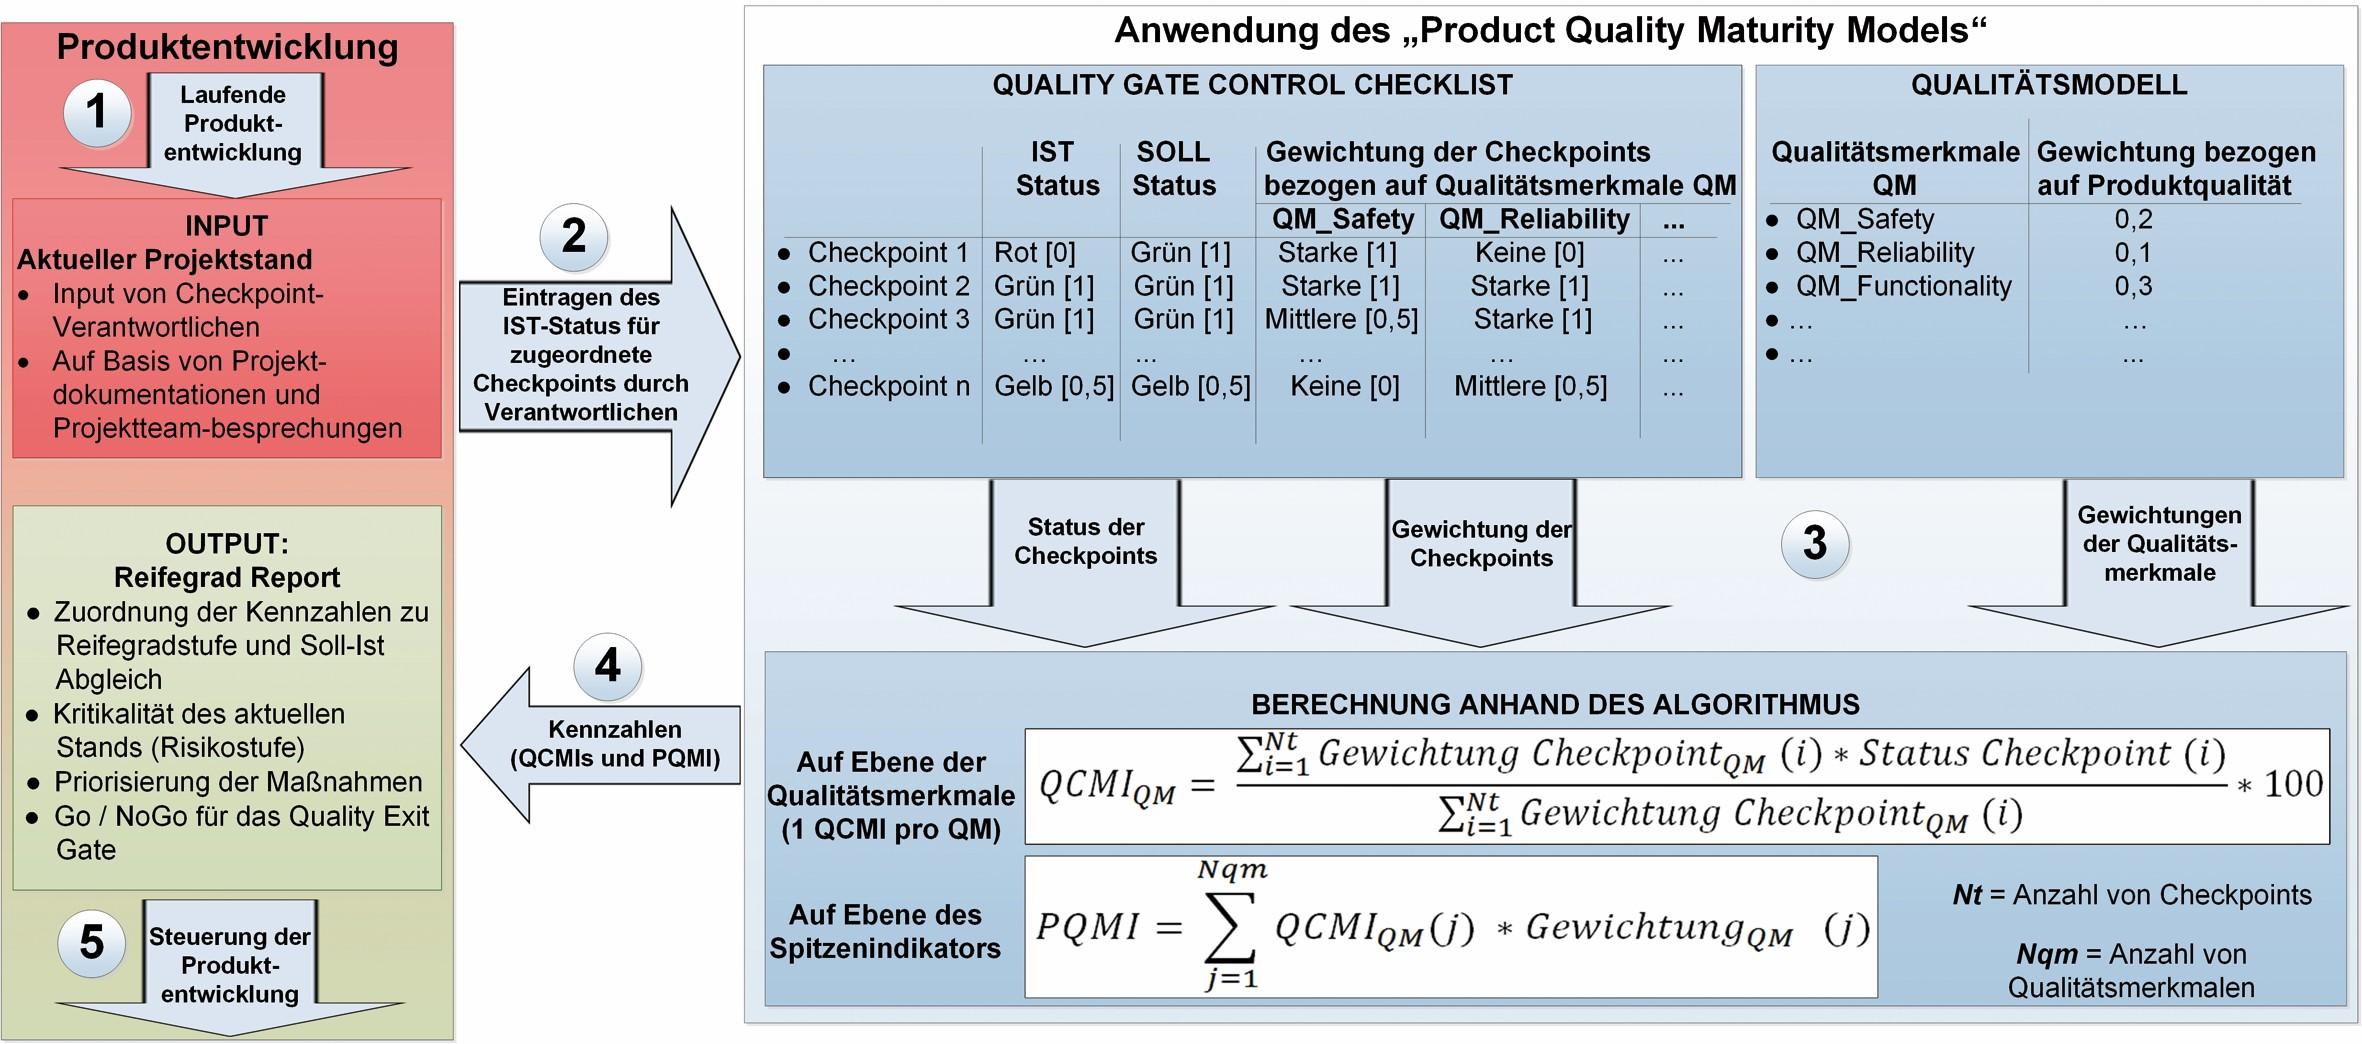 Bild 2 Funktionsweise des PQRM am Beispiel Liebherr-Aerospace. Bild: Verfasser